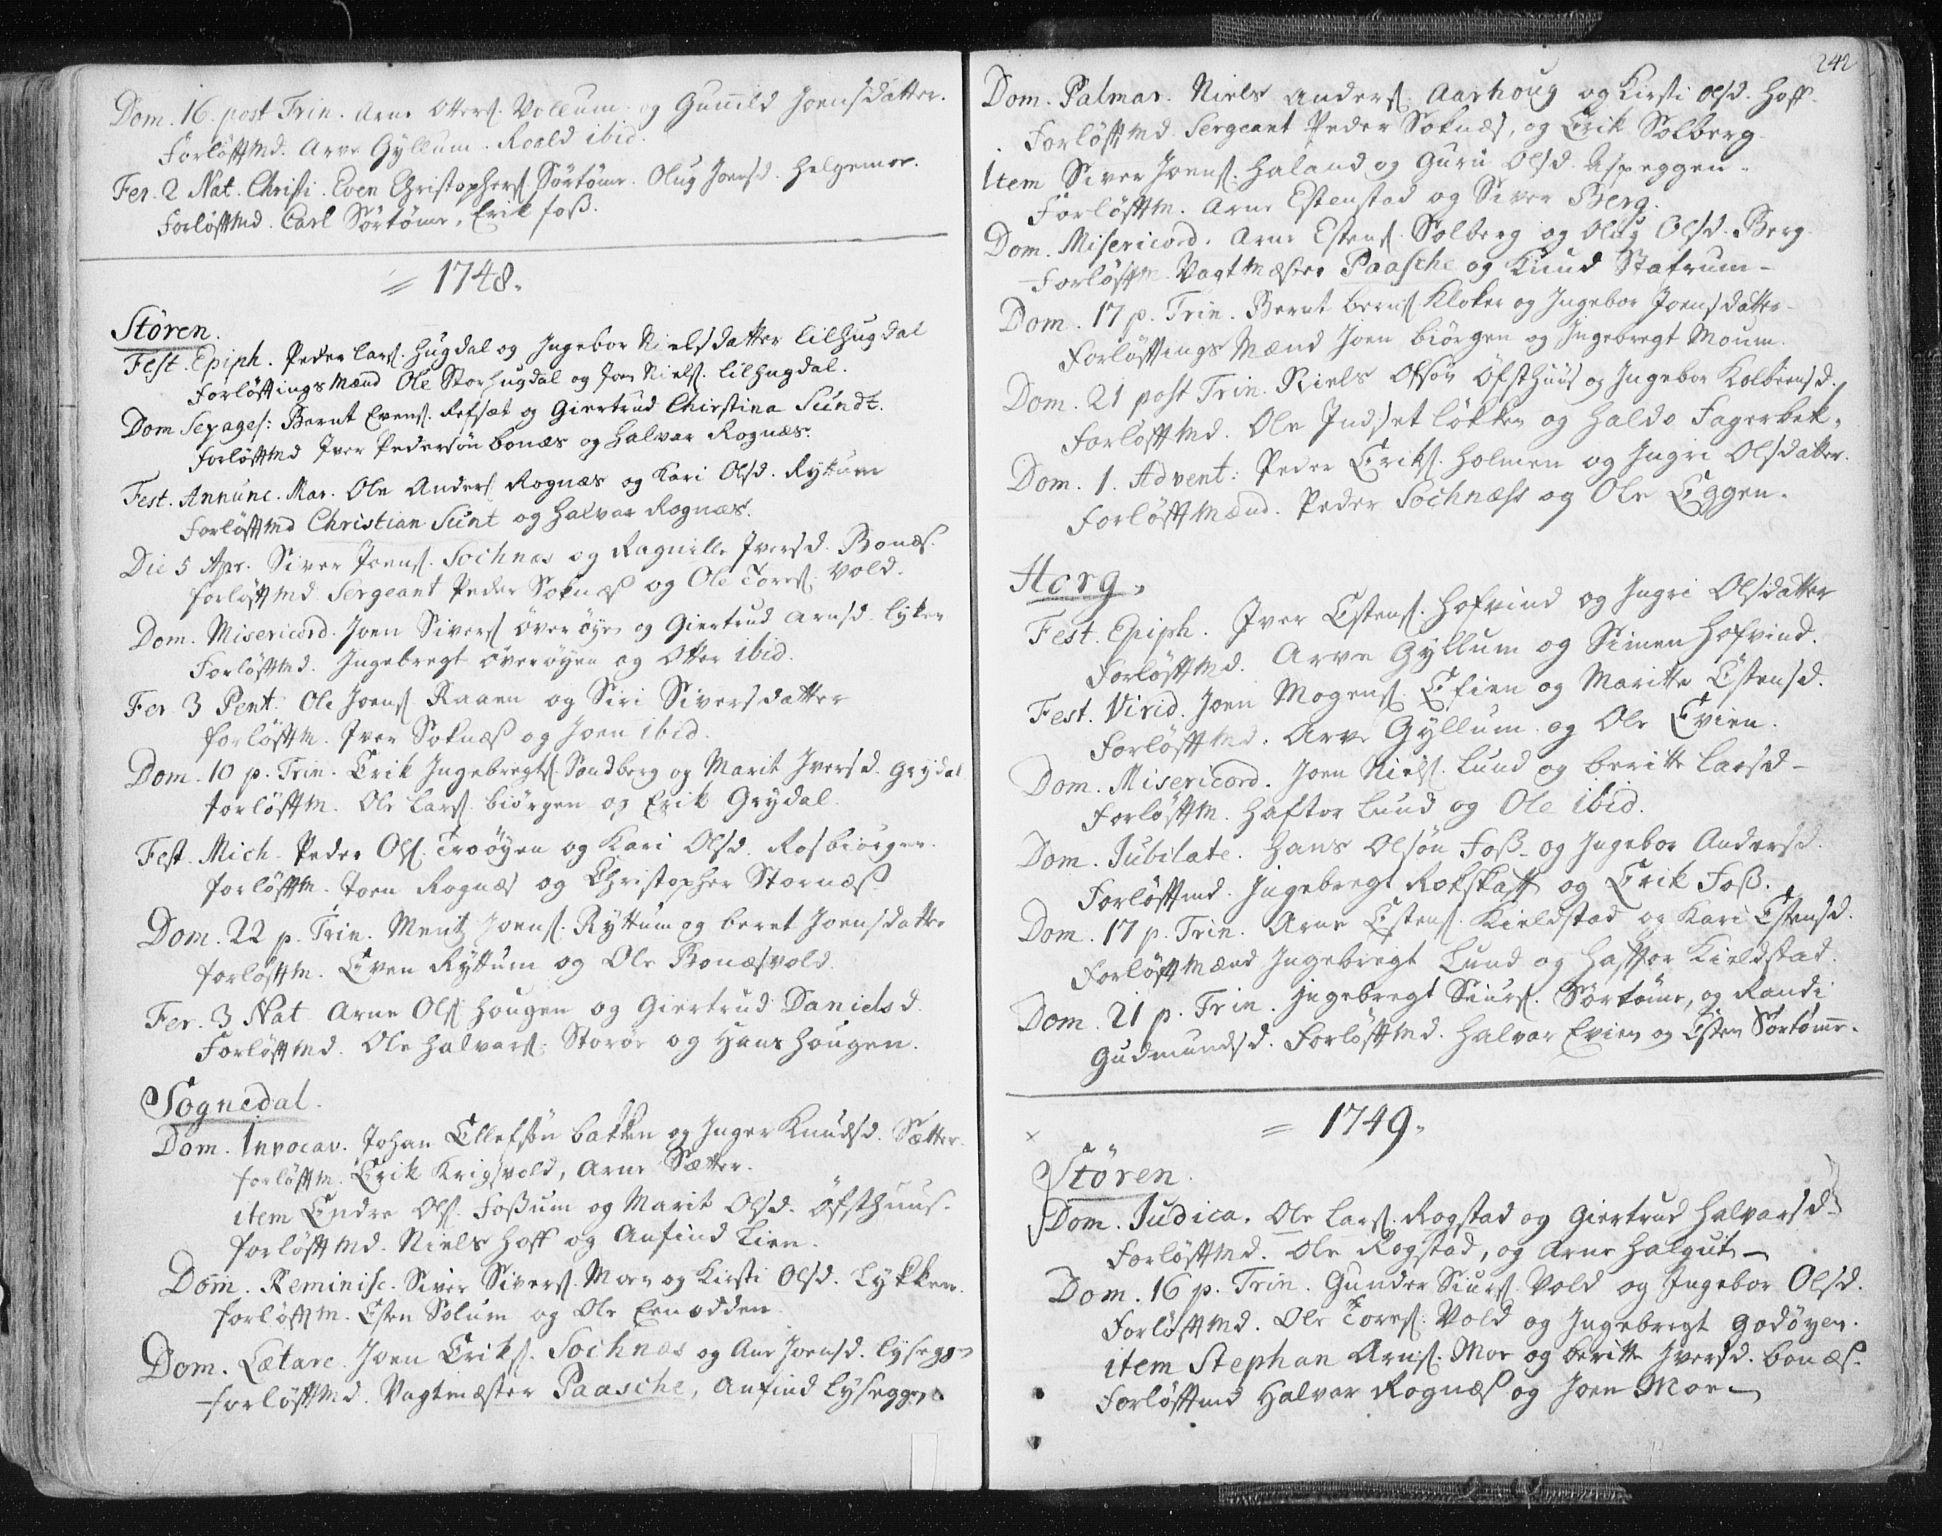 SAT, Ministerialprotokoller, klokkerbøker og fødselsregistre - Sør-Trøndelag, 687/L0991: Ministerialbok nr. 687A02, 1747-1790, s. 242